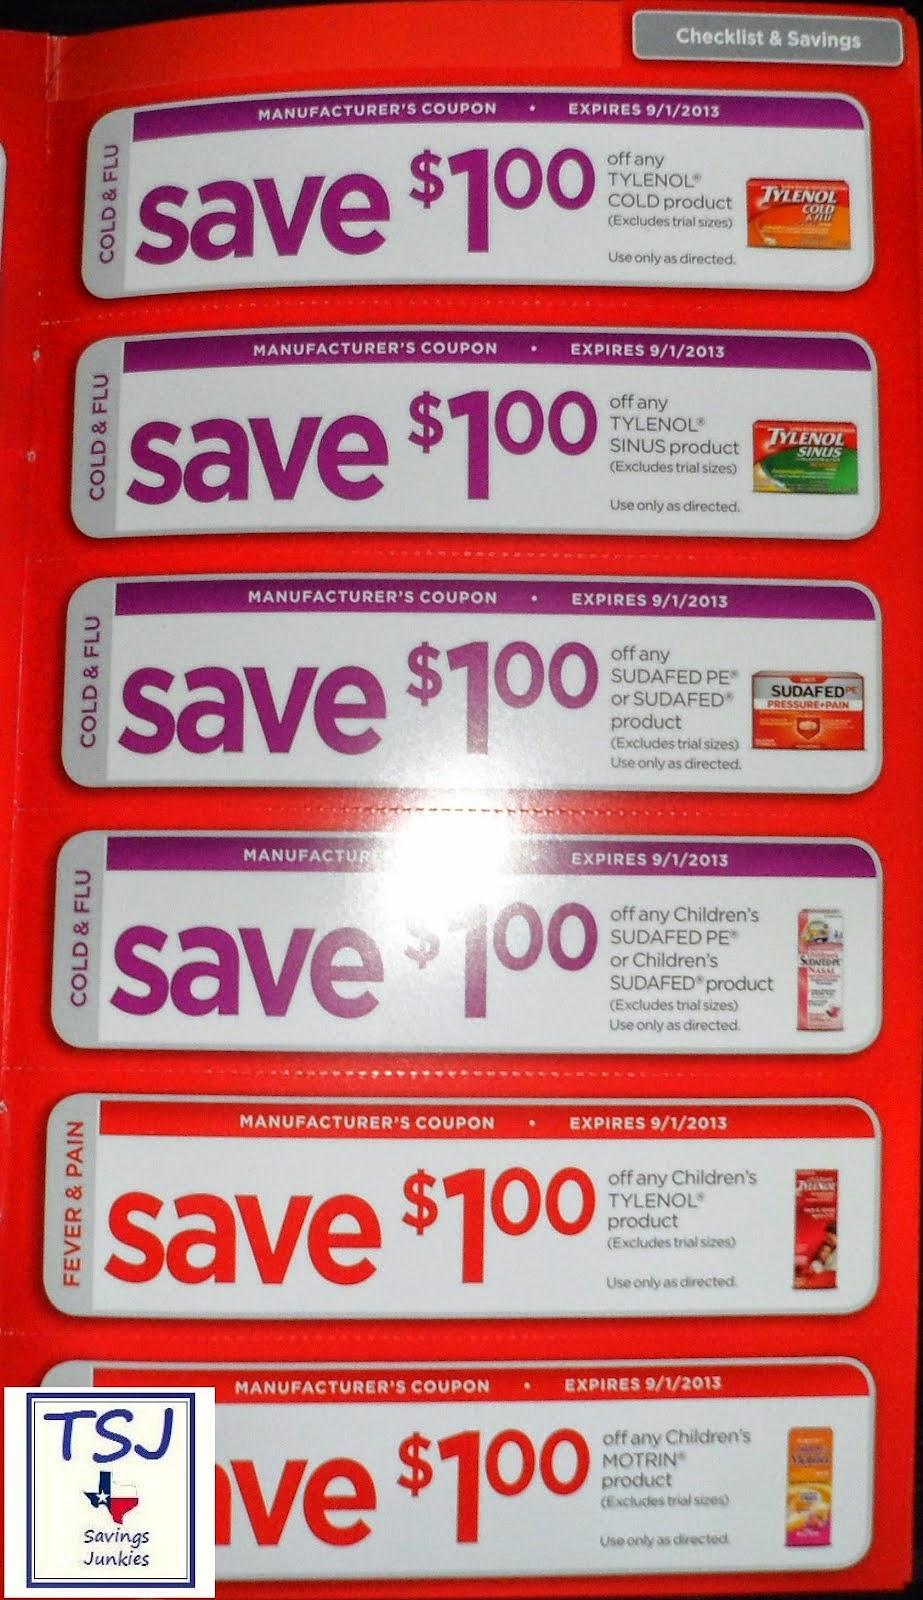 Walgreens coupon code